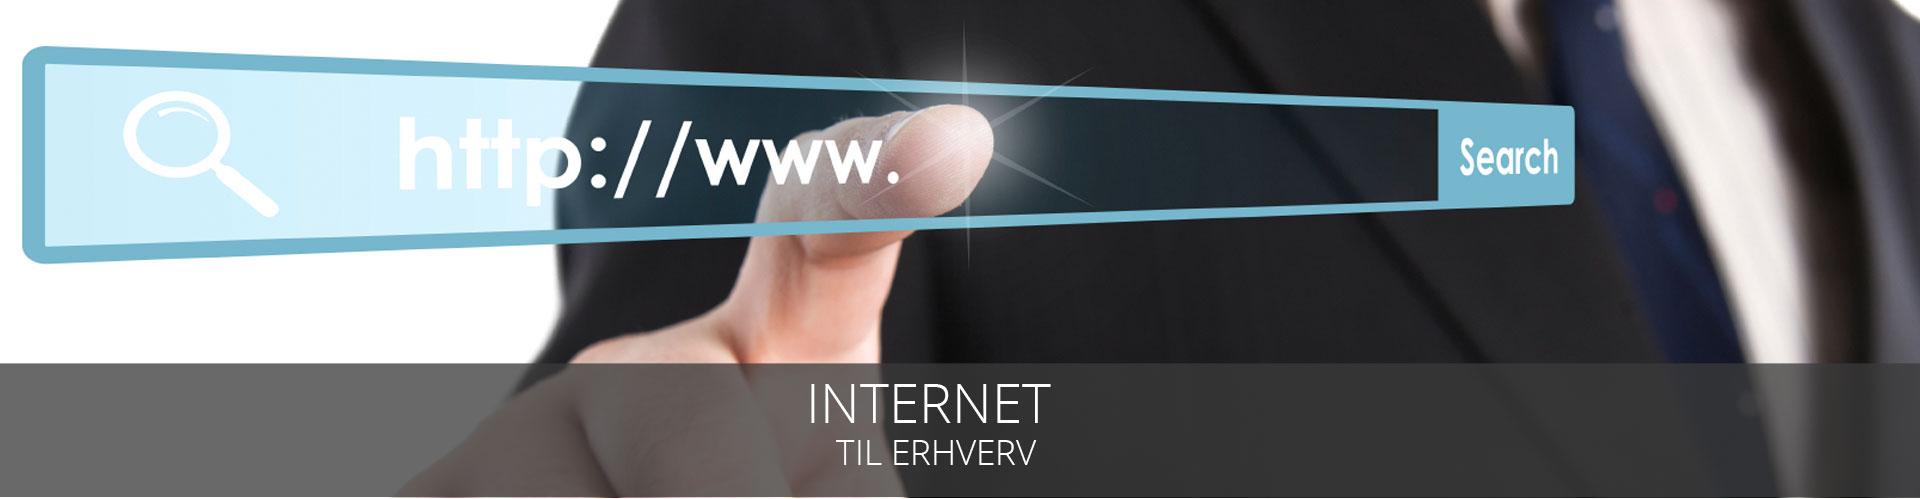 internet-unicom